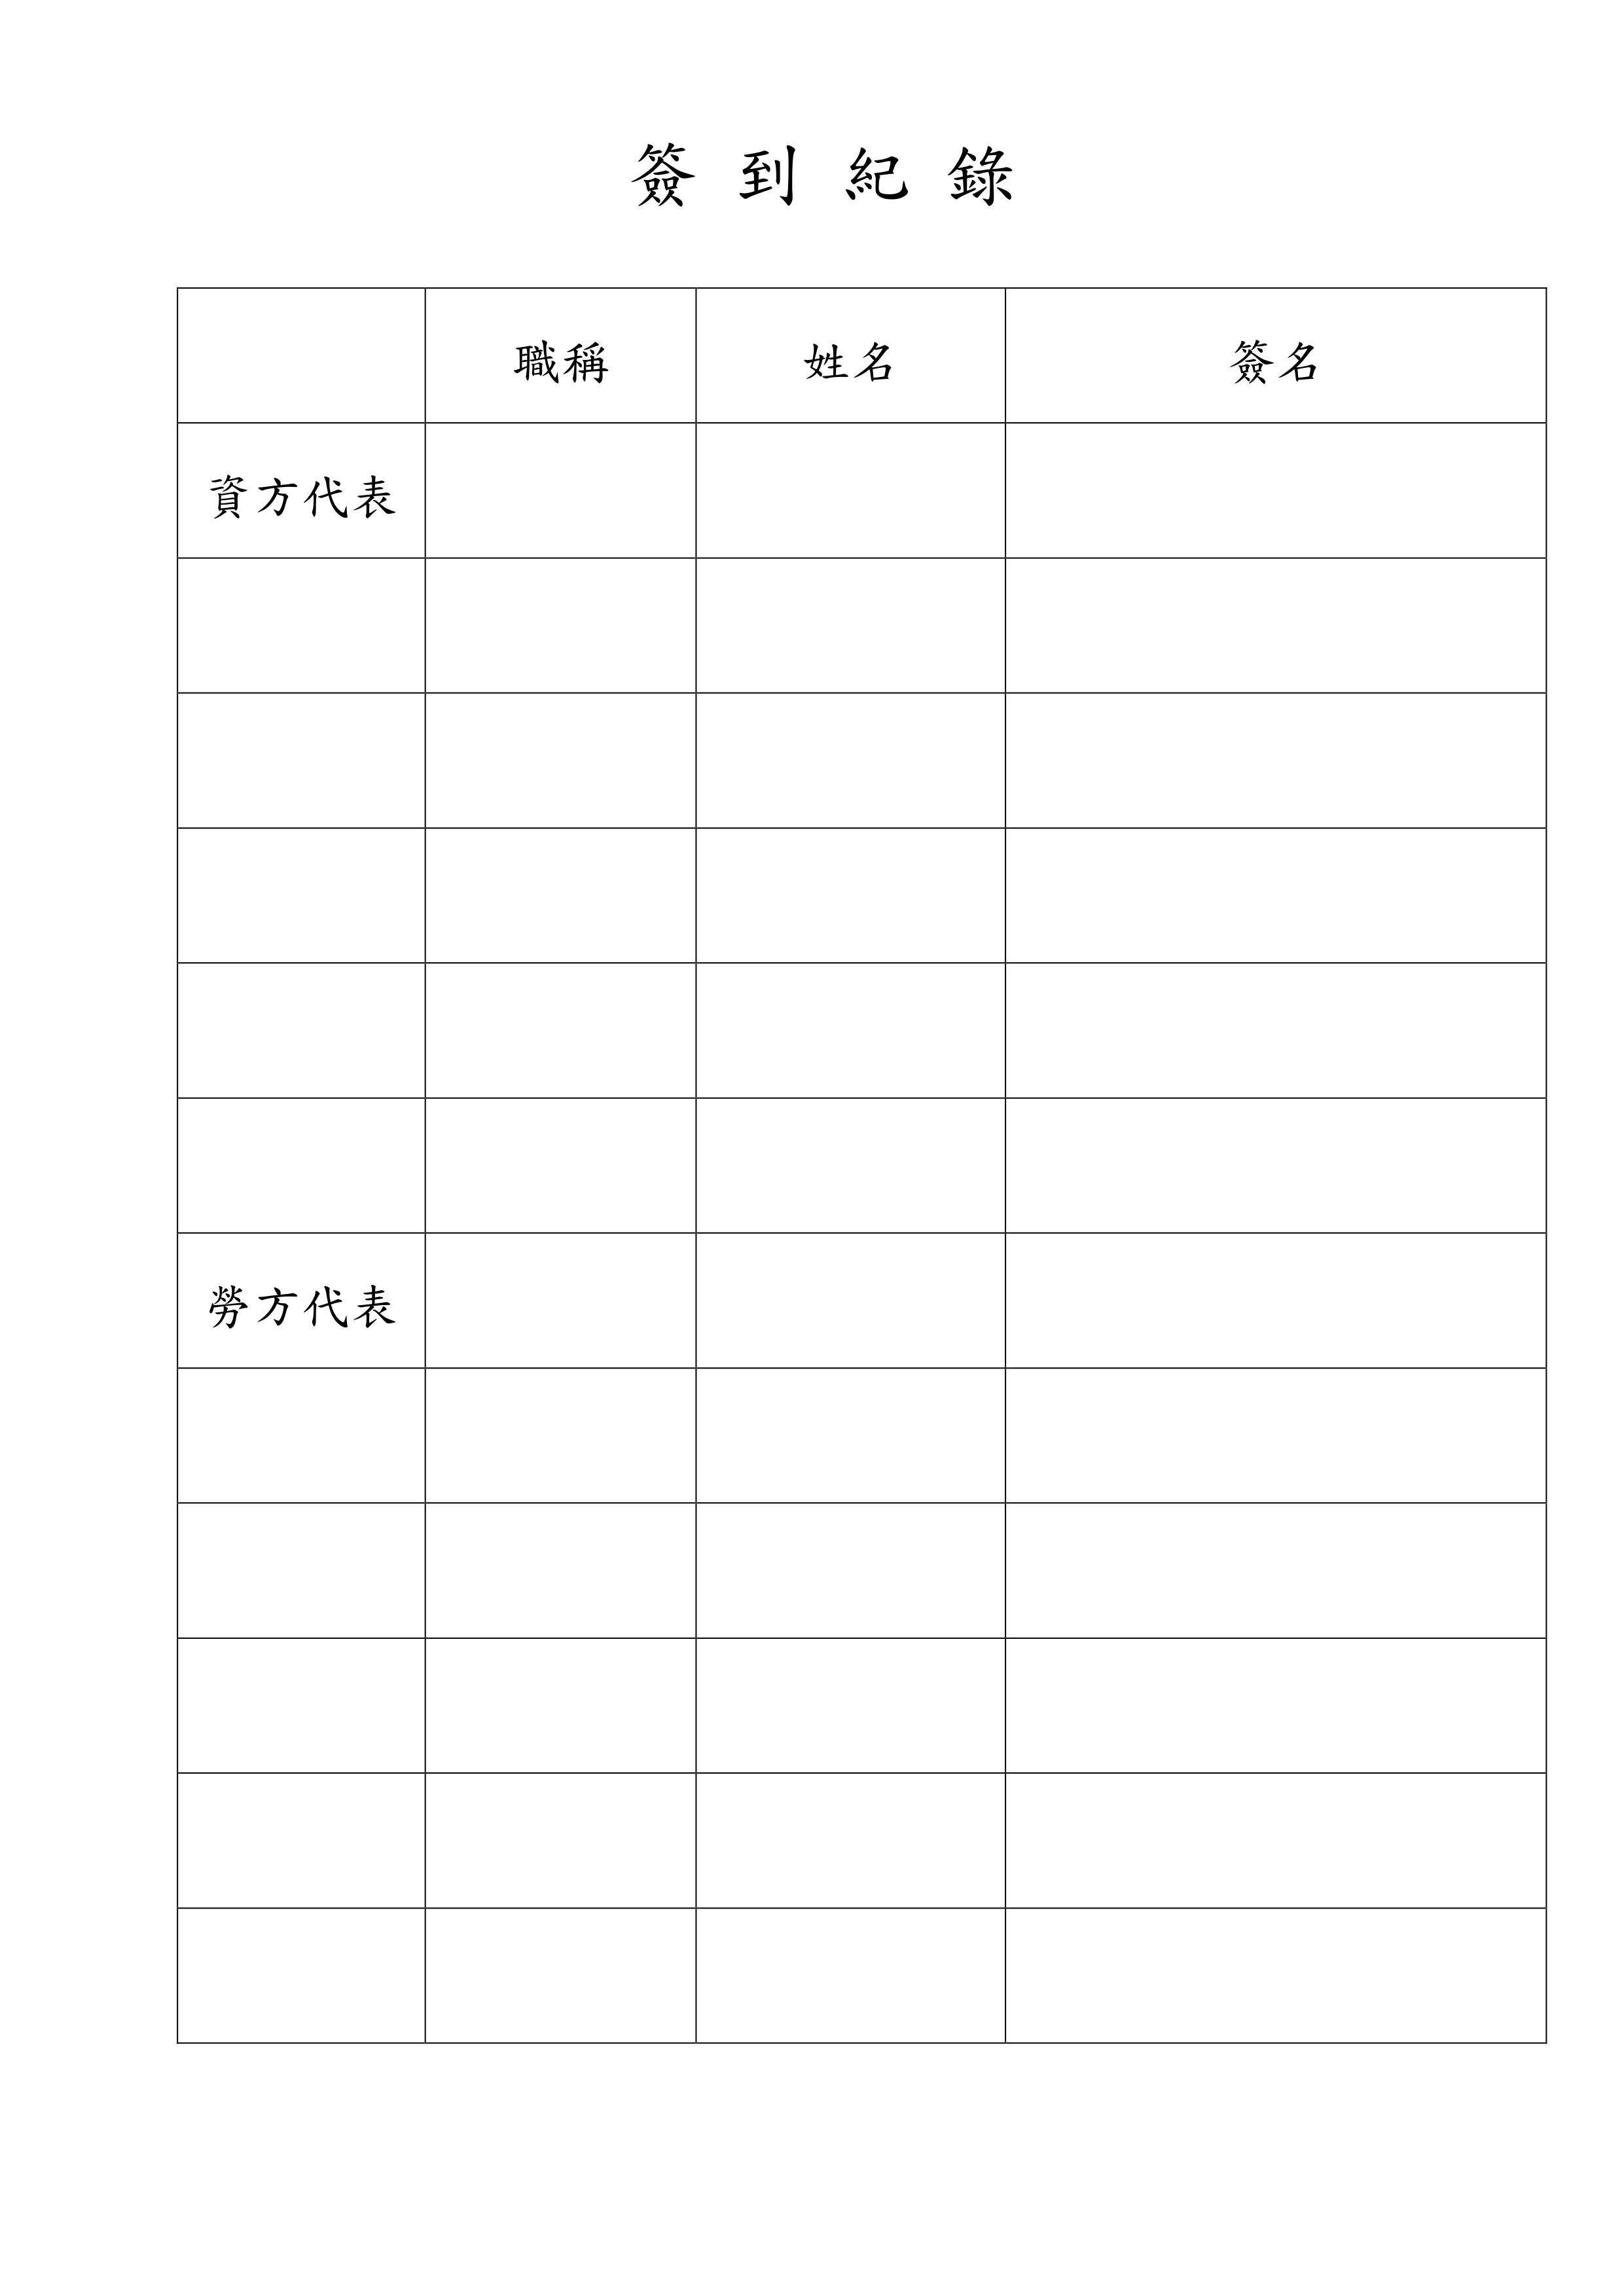 事業單位大量解僱計畫書自治協商範本-2